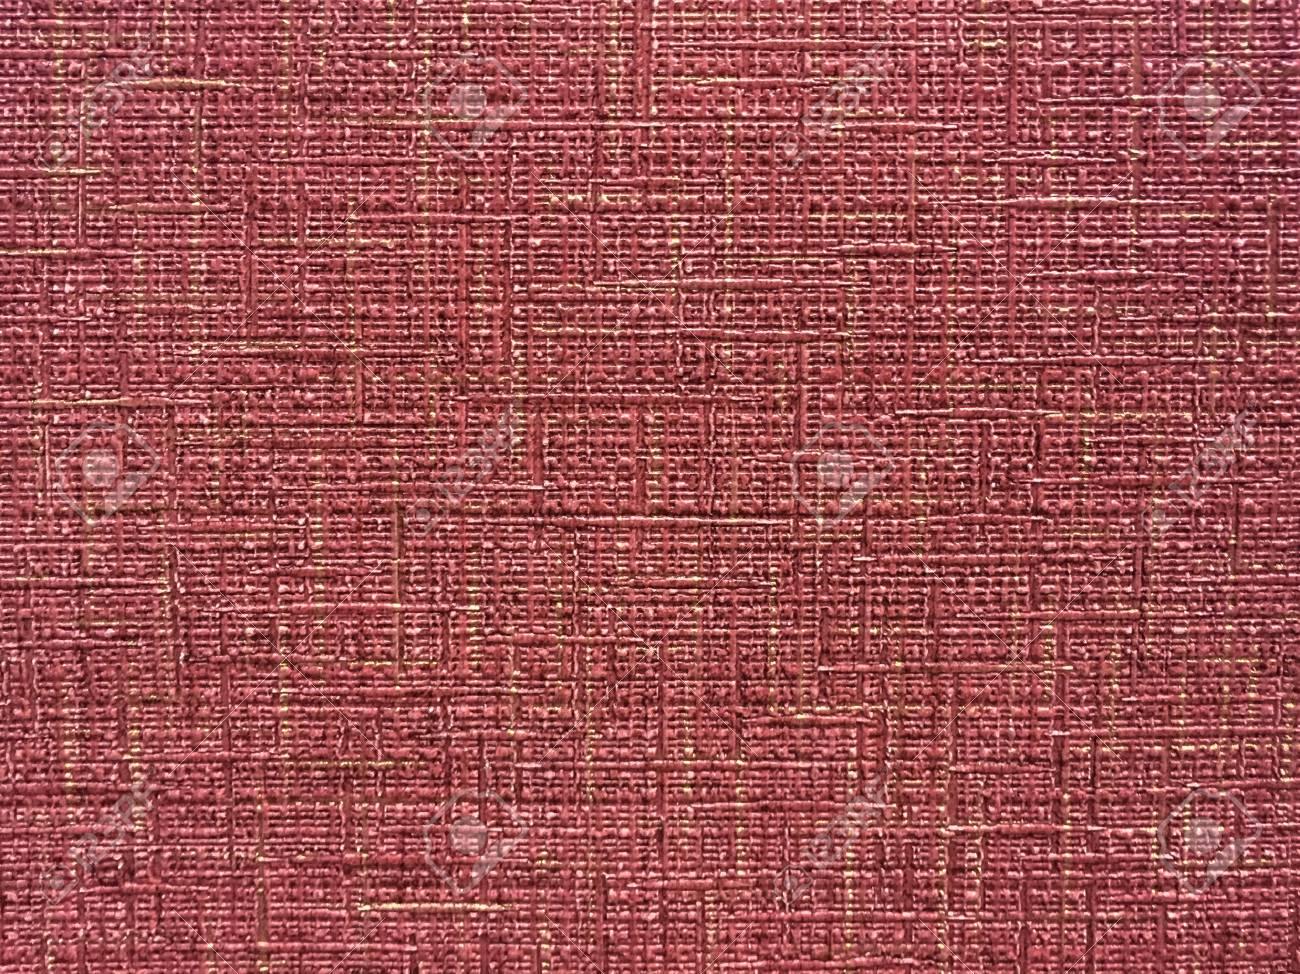 Texture De Papier Peint Rouge Fonce Avec Un Motif Depouille Surface